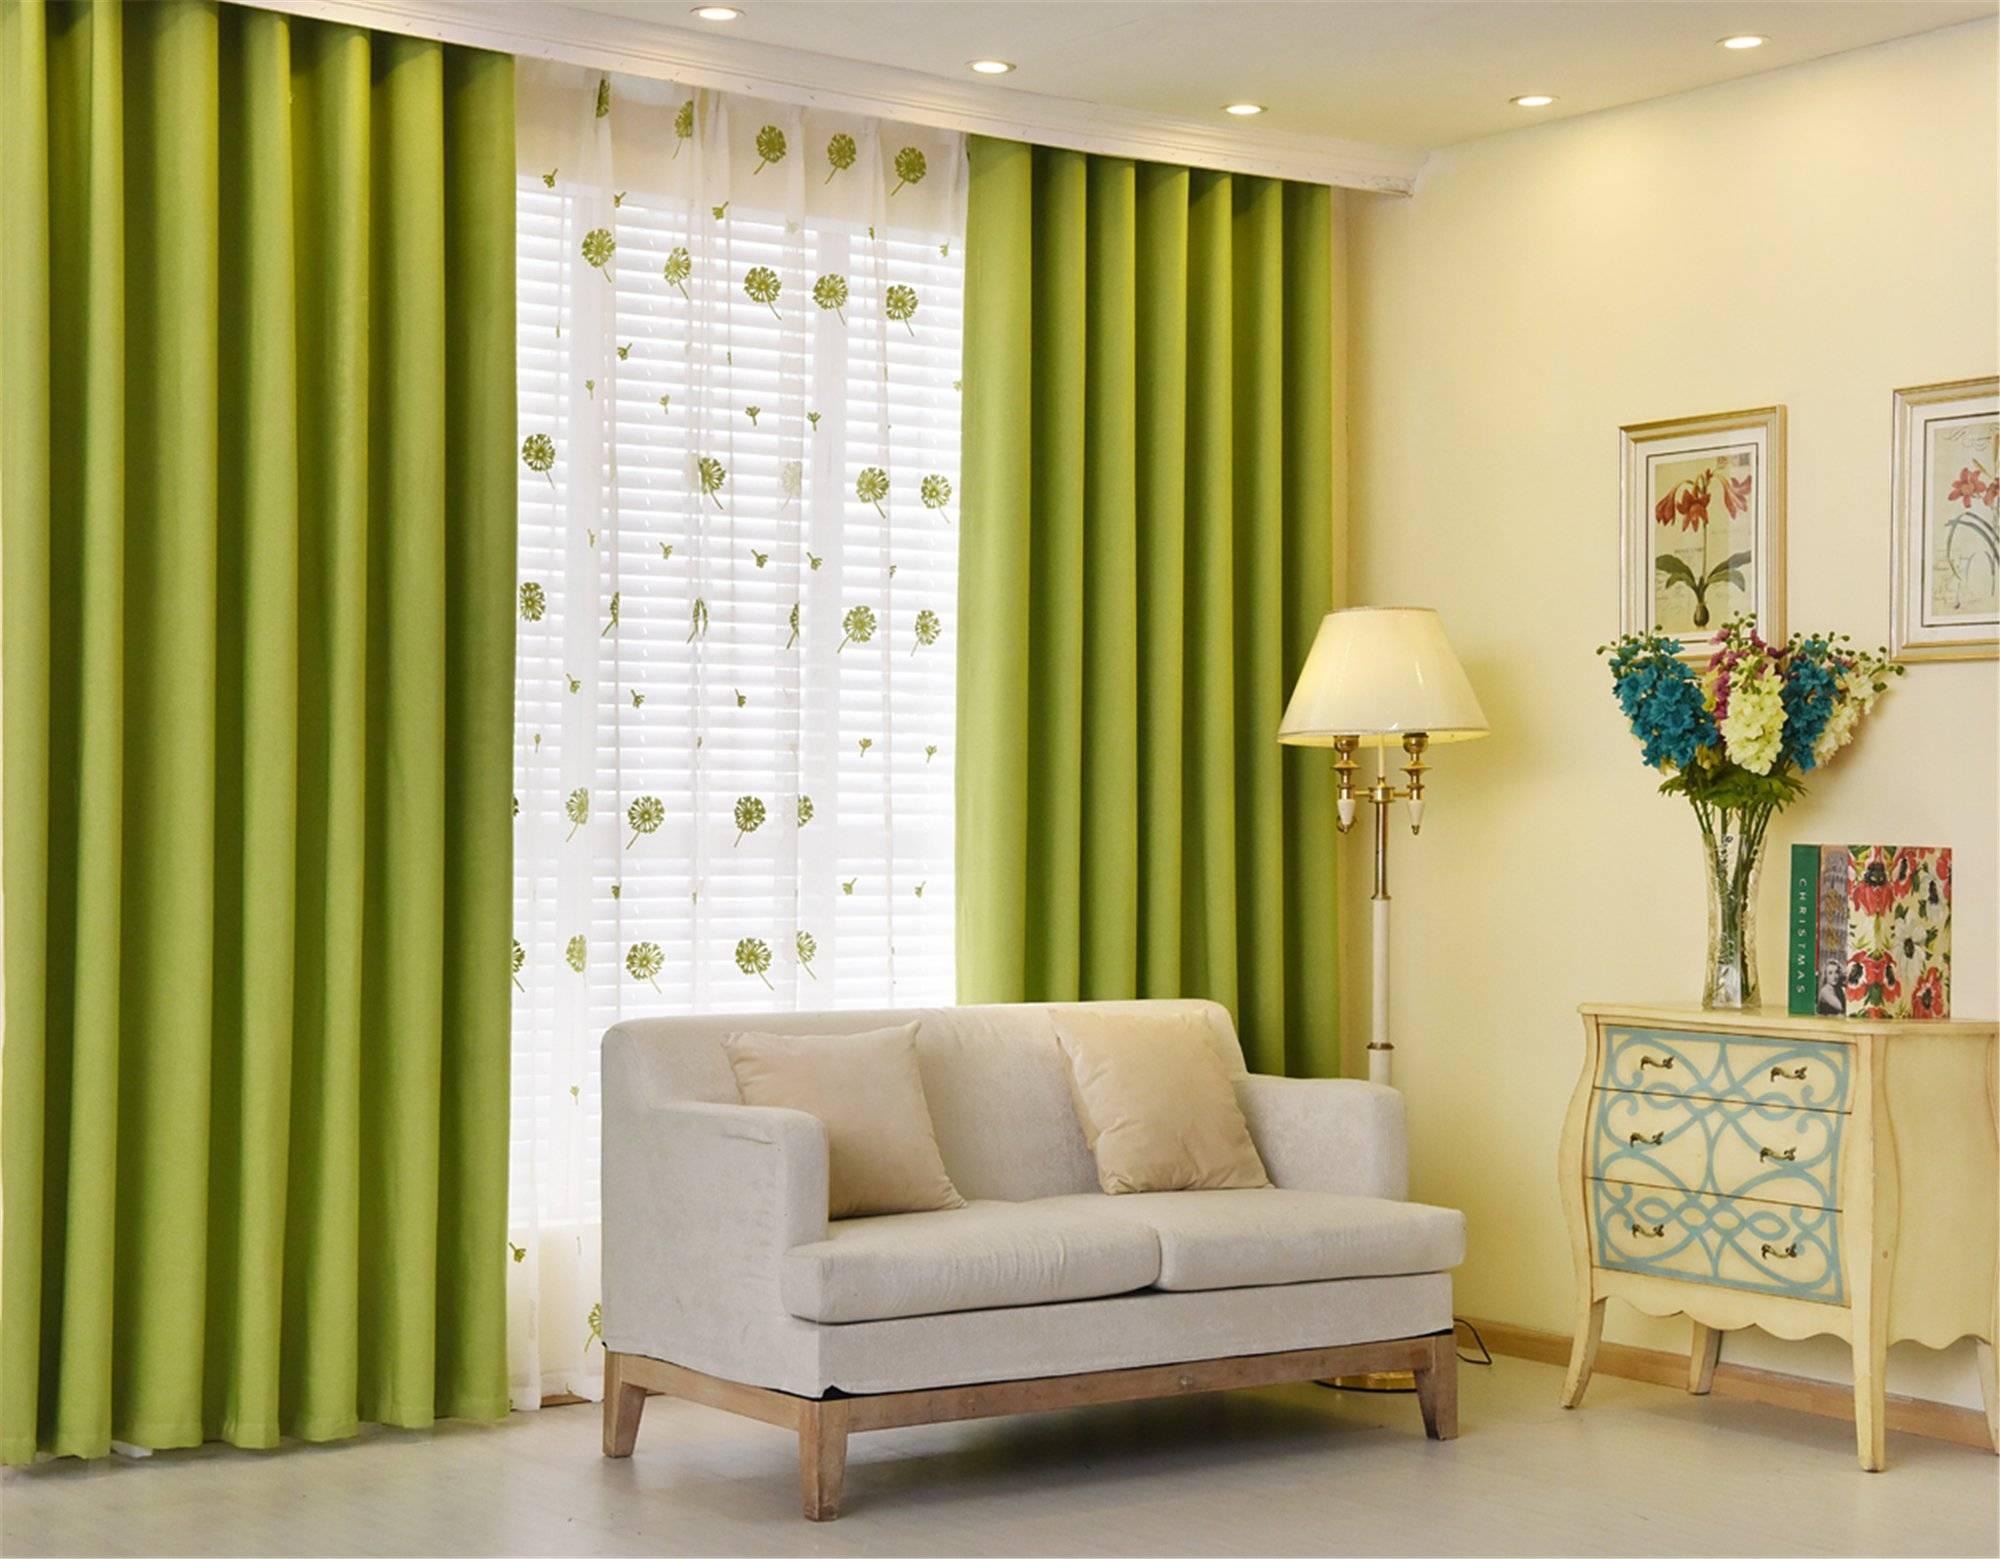 Создание уютного интерьера с помощью штор зеленого цвета